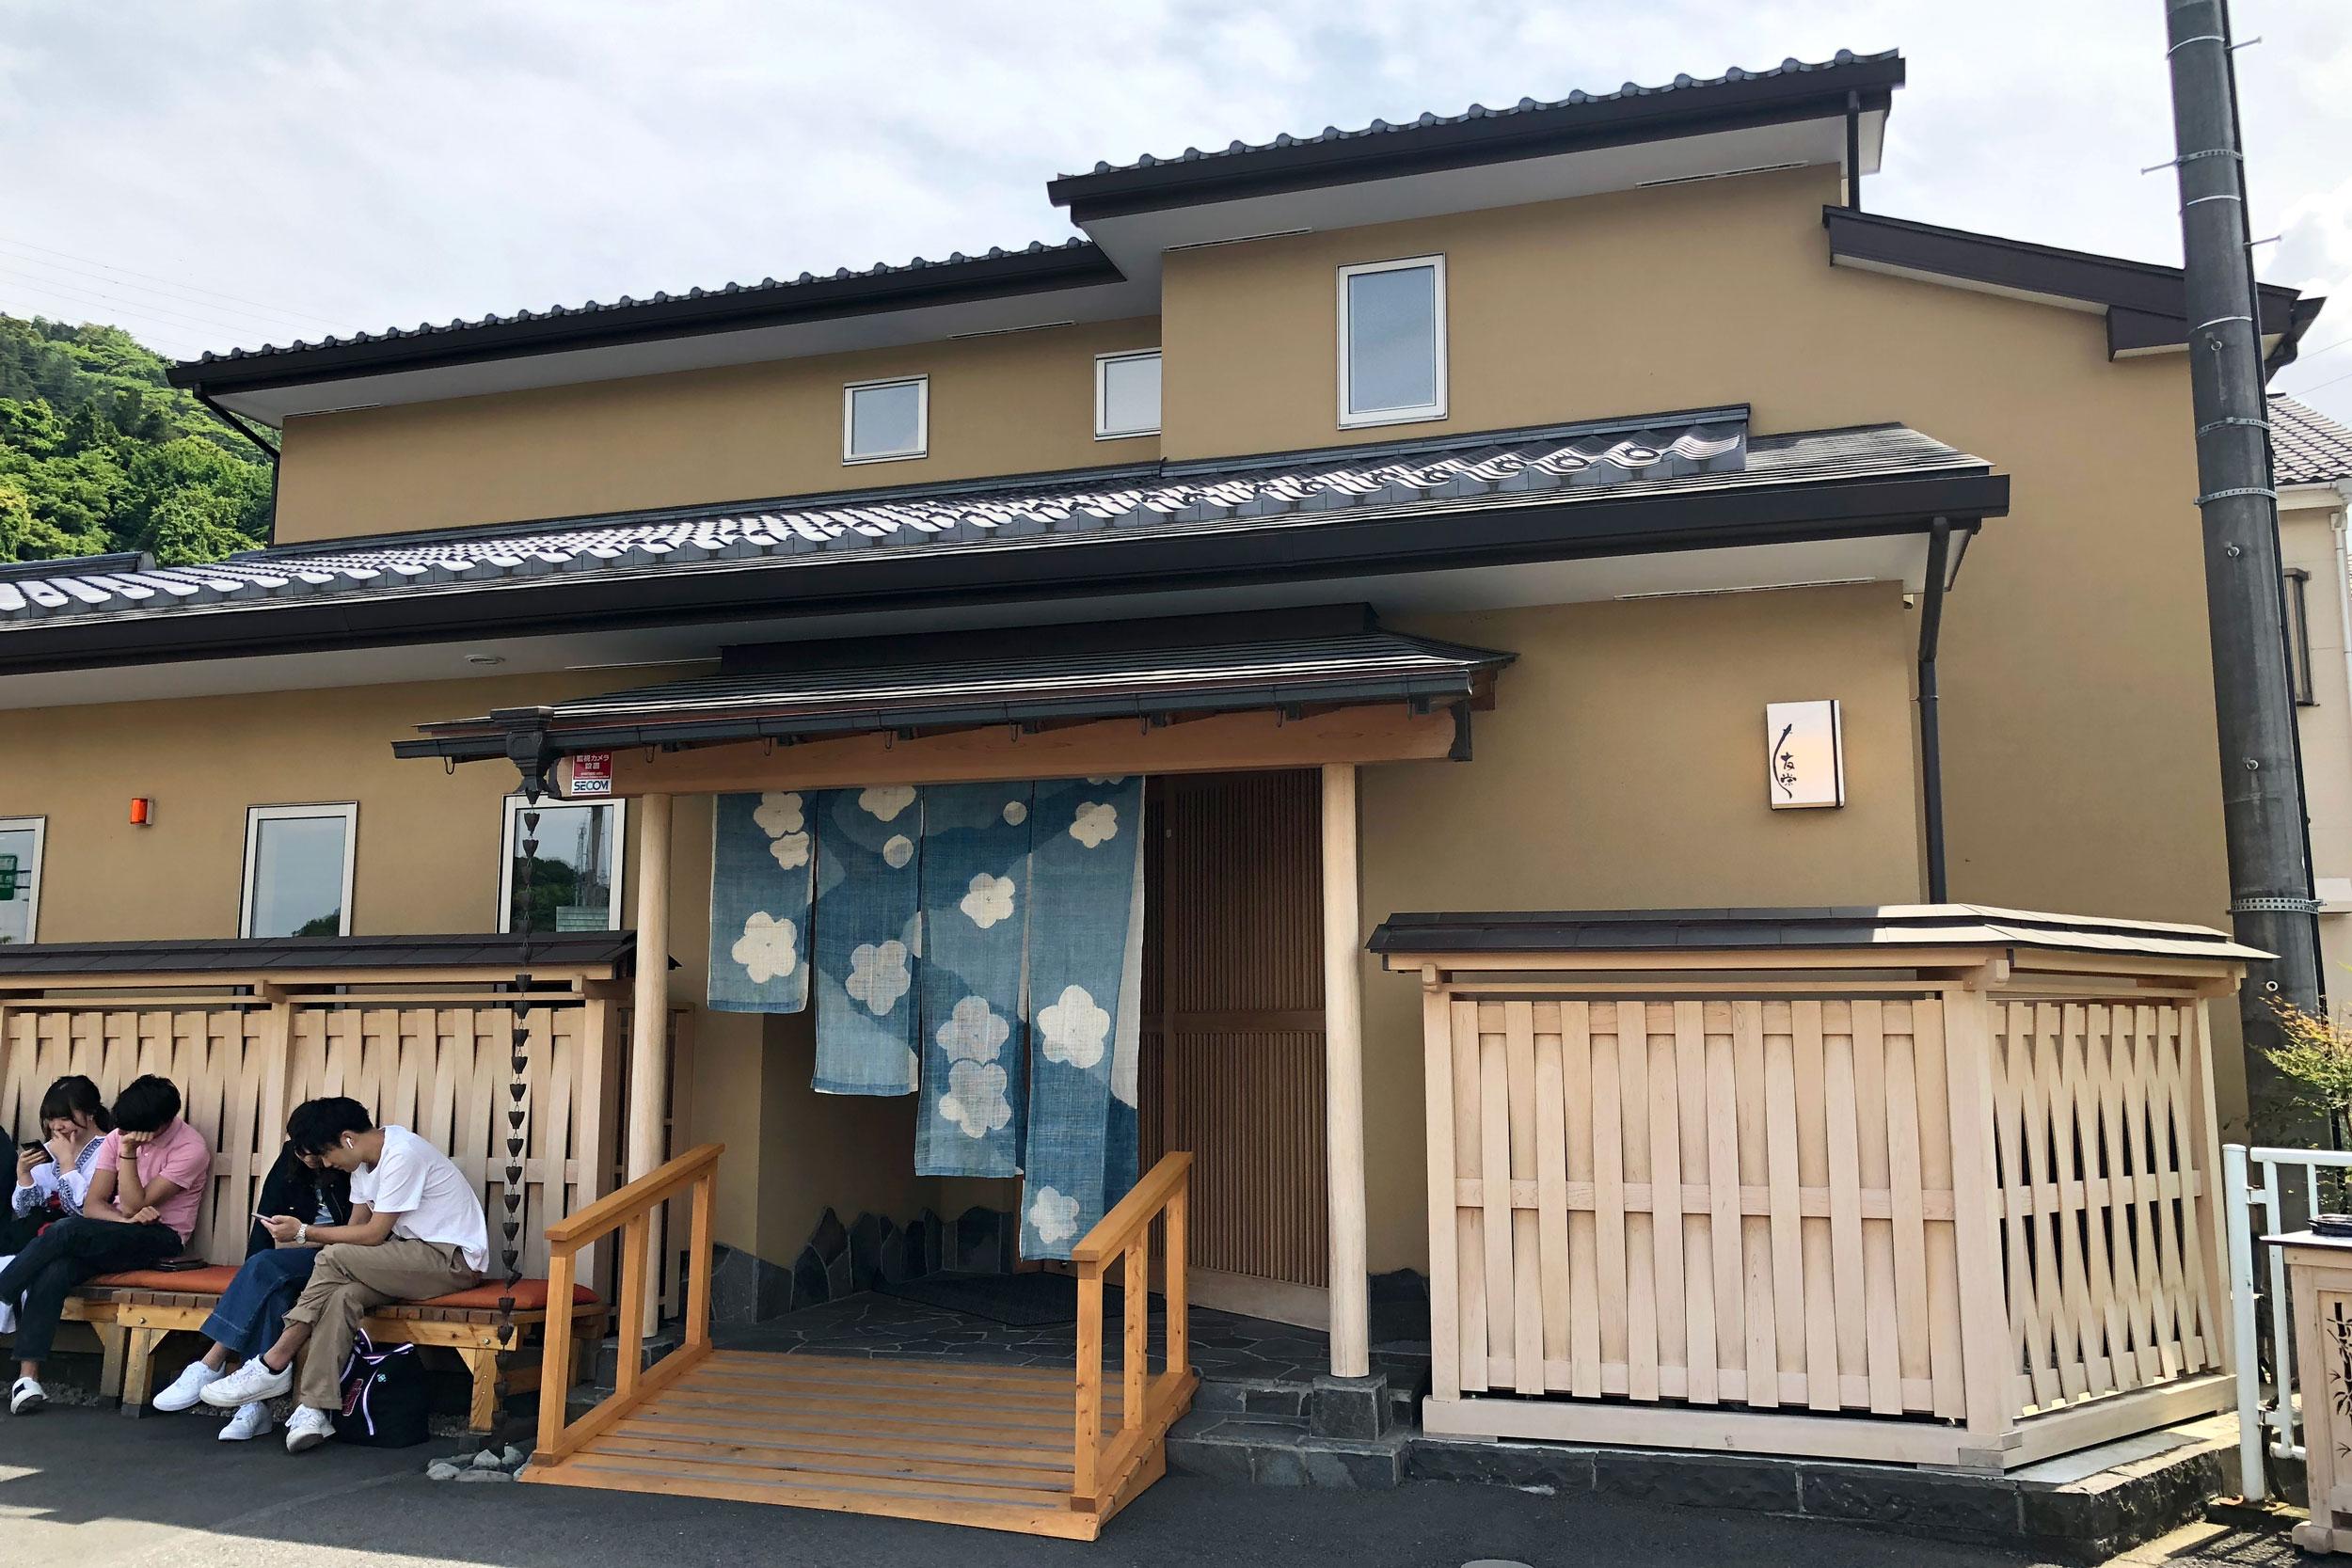 hakone-deyama-tomoei-05.jpg